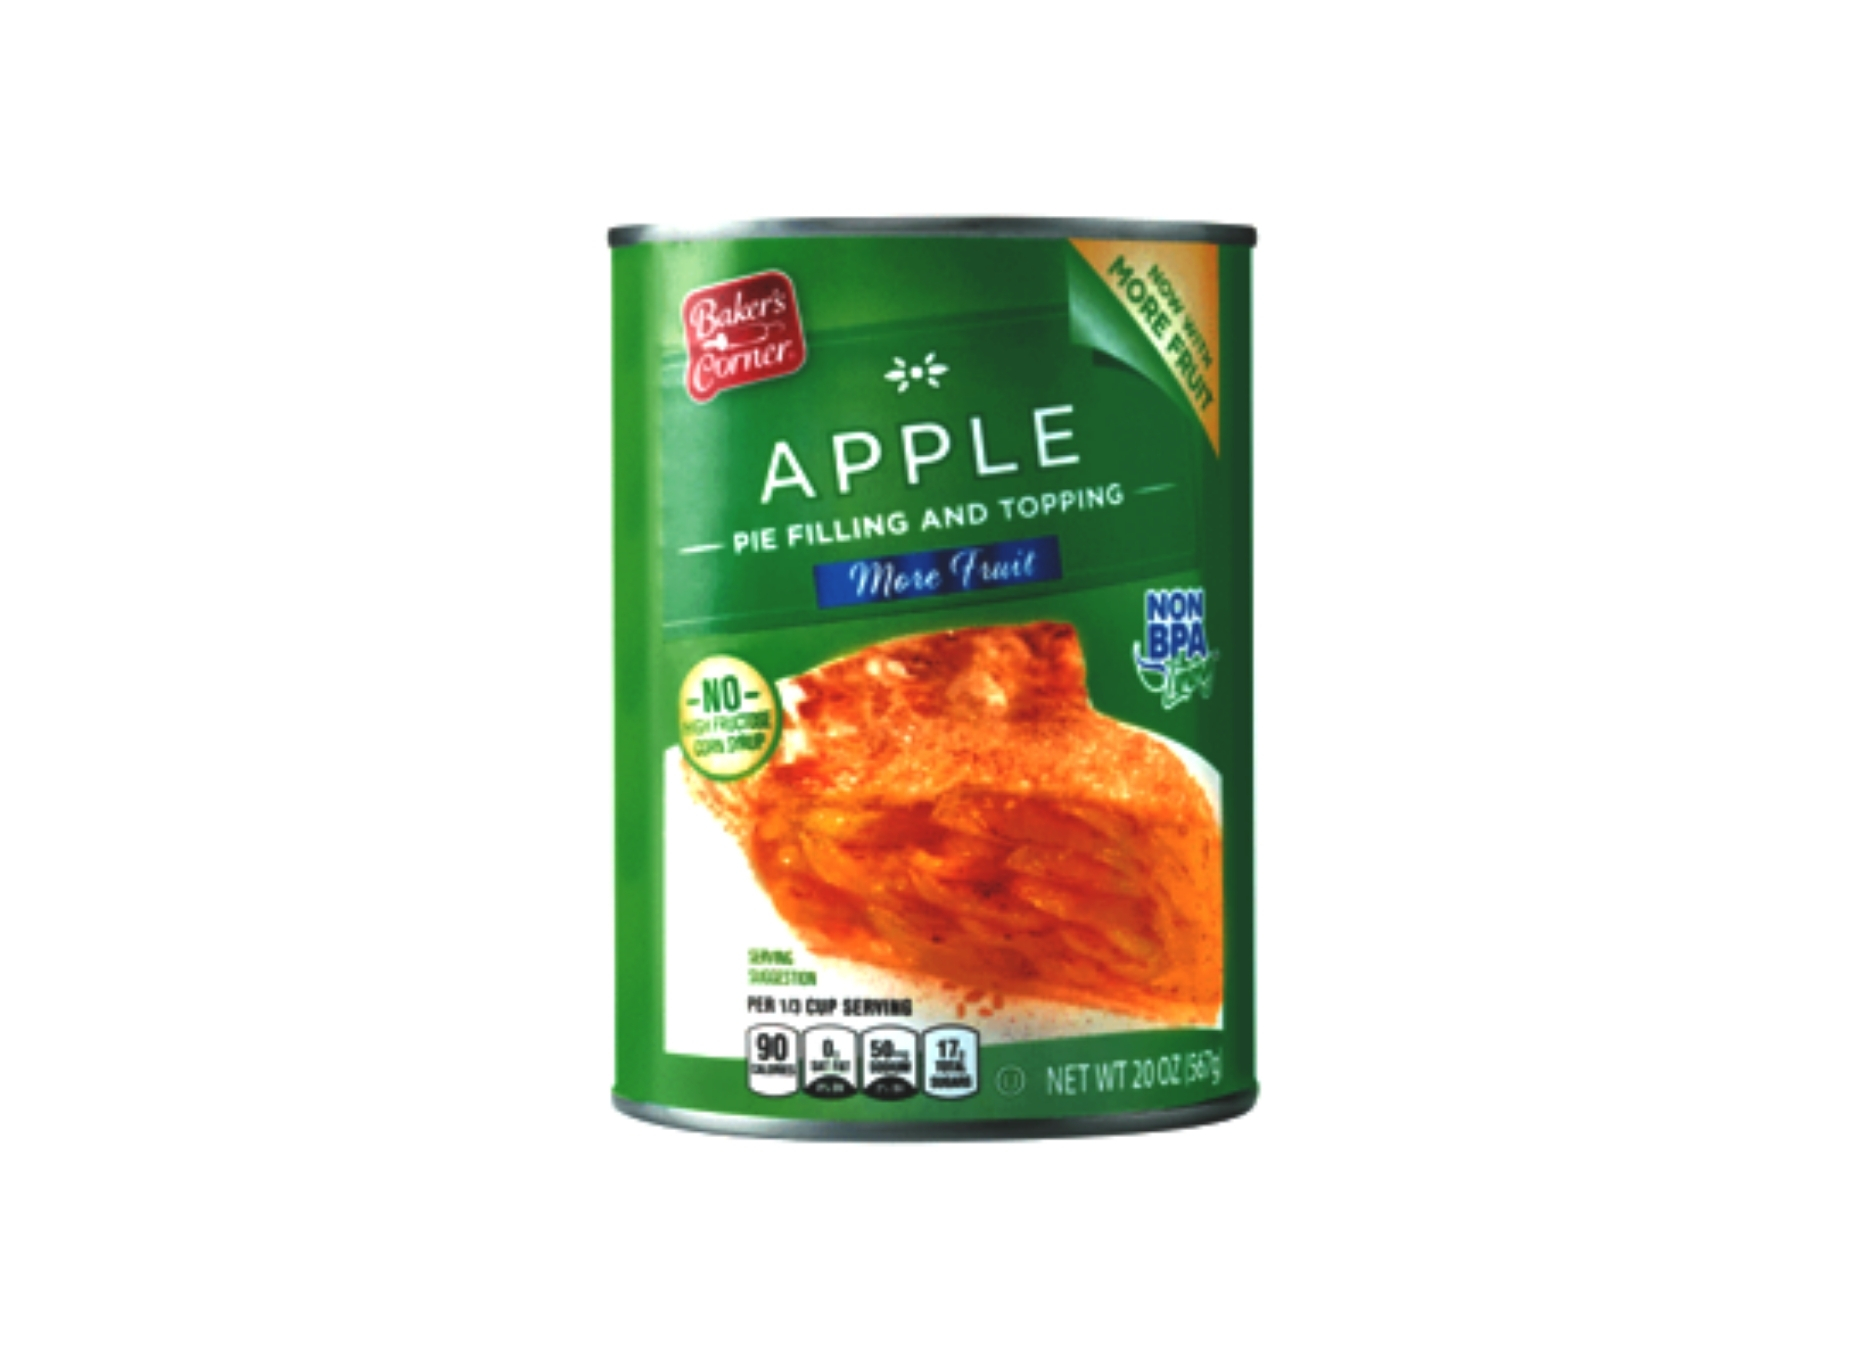 ALDI apple pie filling